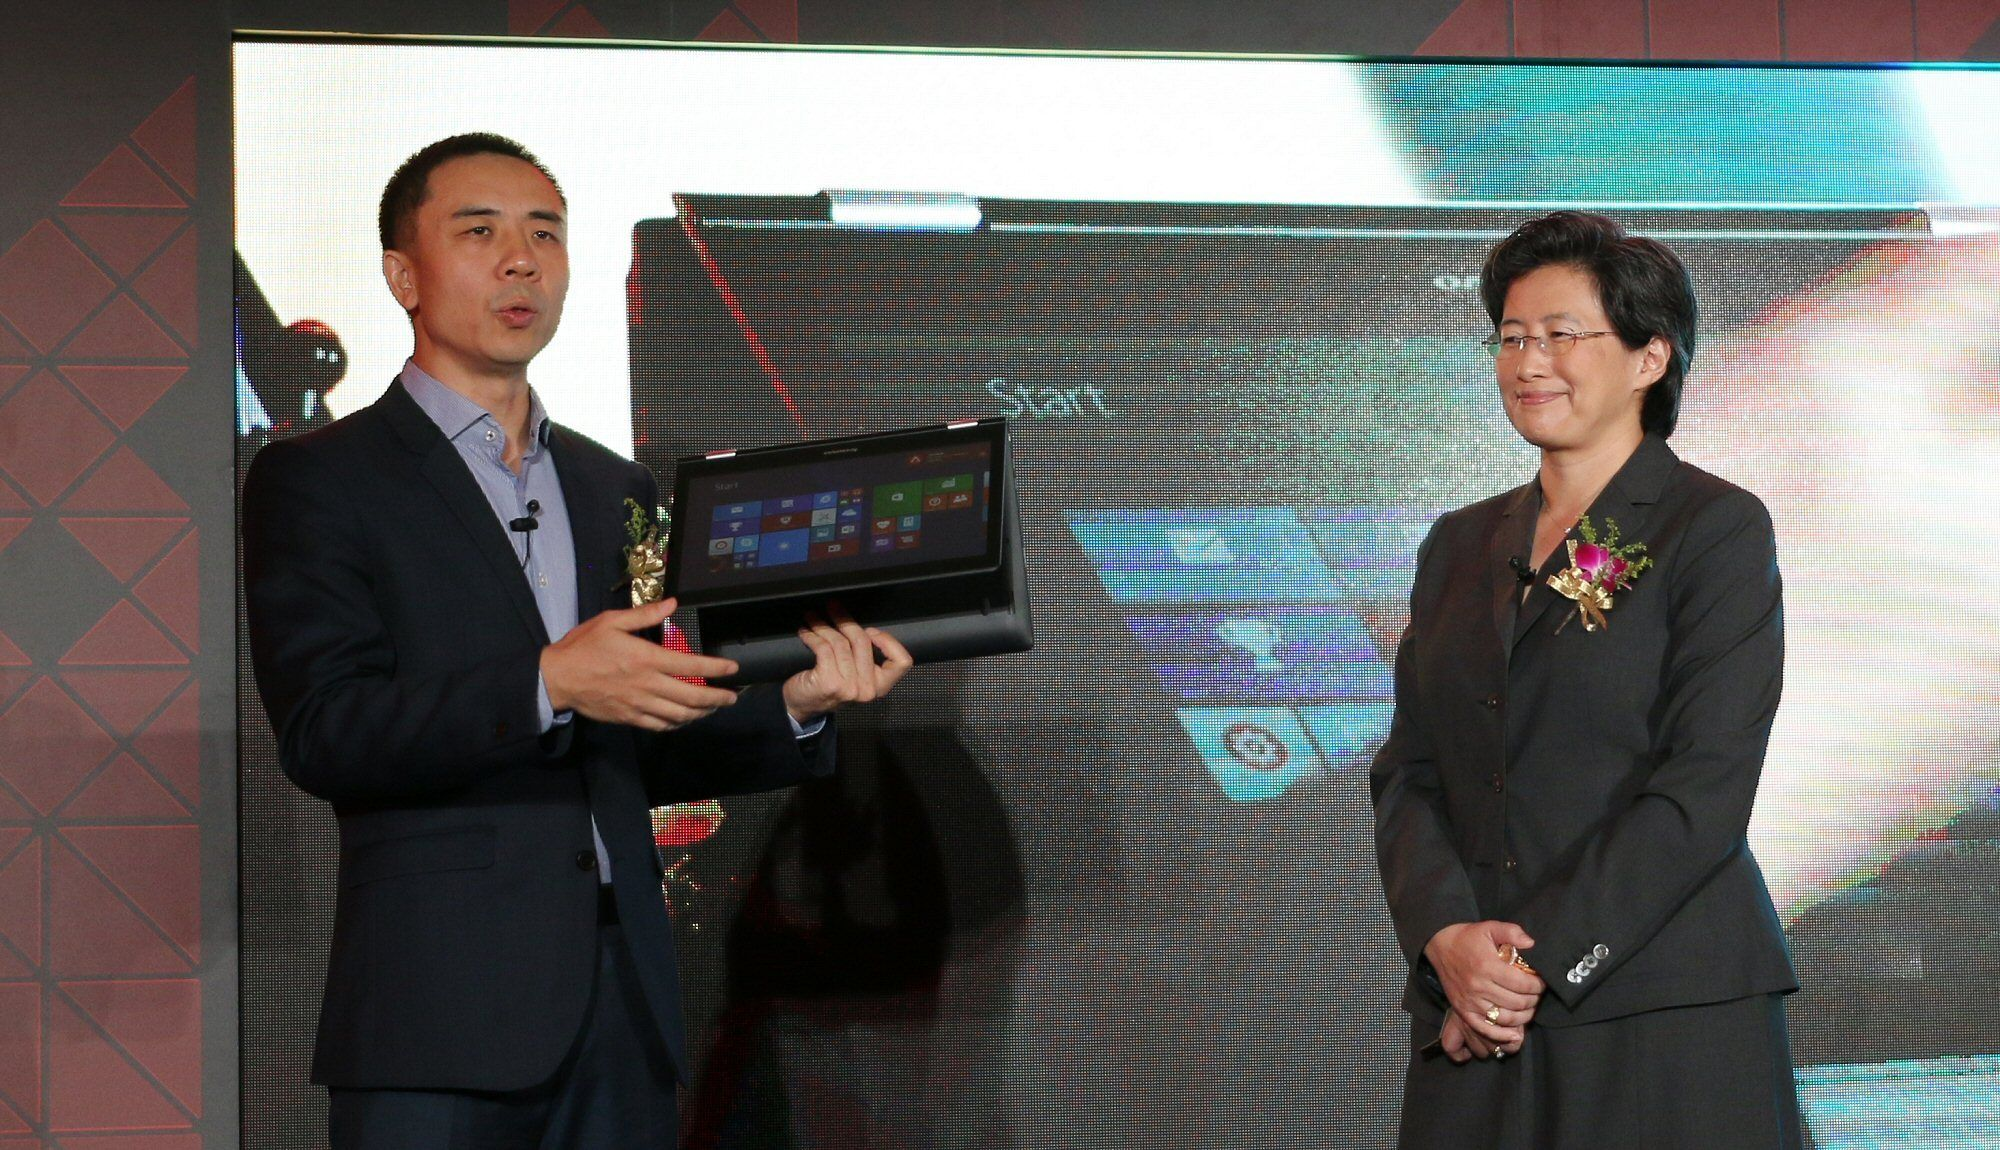 Lenovos Bai Peng viser frem en bærbar PC med Carrizo-prosessor. Foto: Vegar Jansen, Tek.no